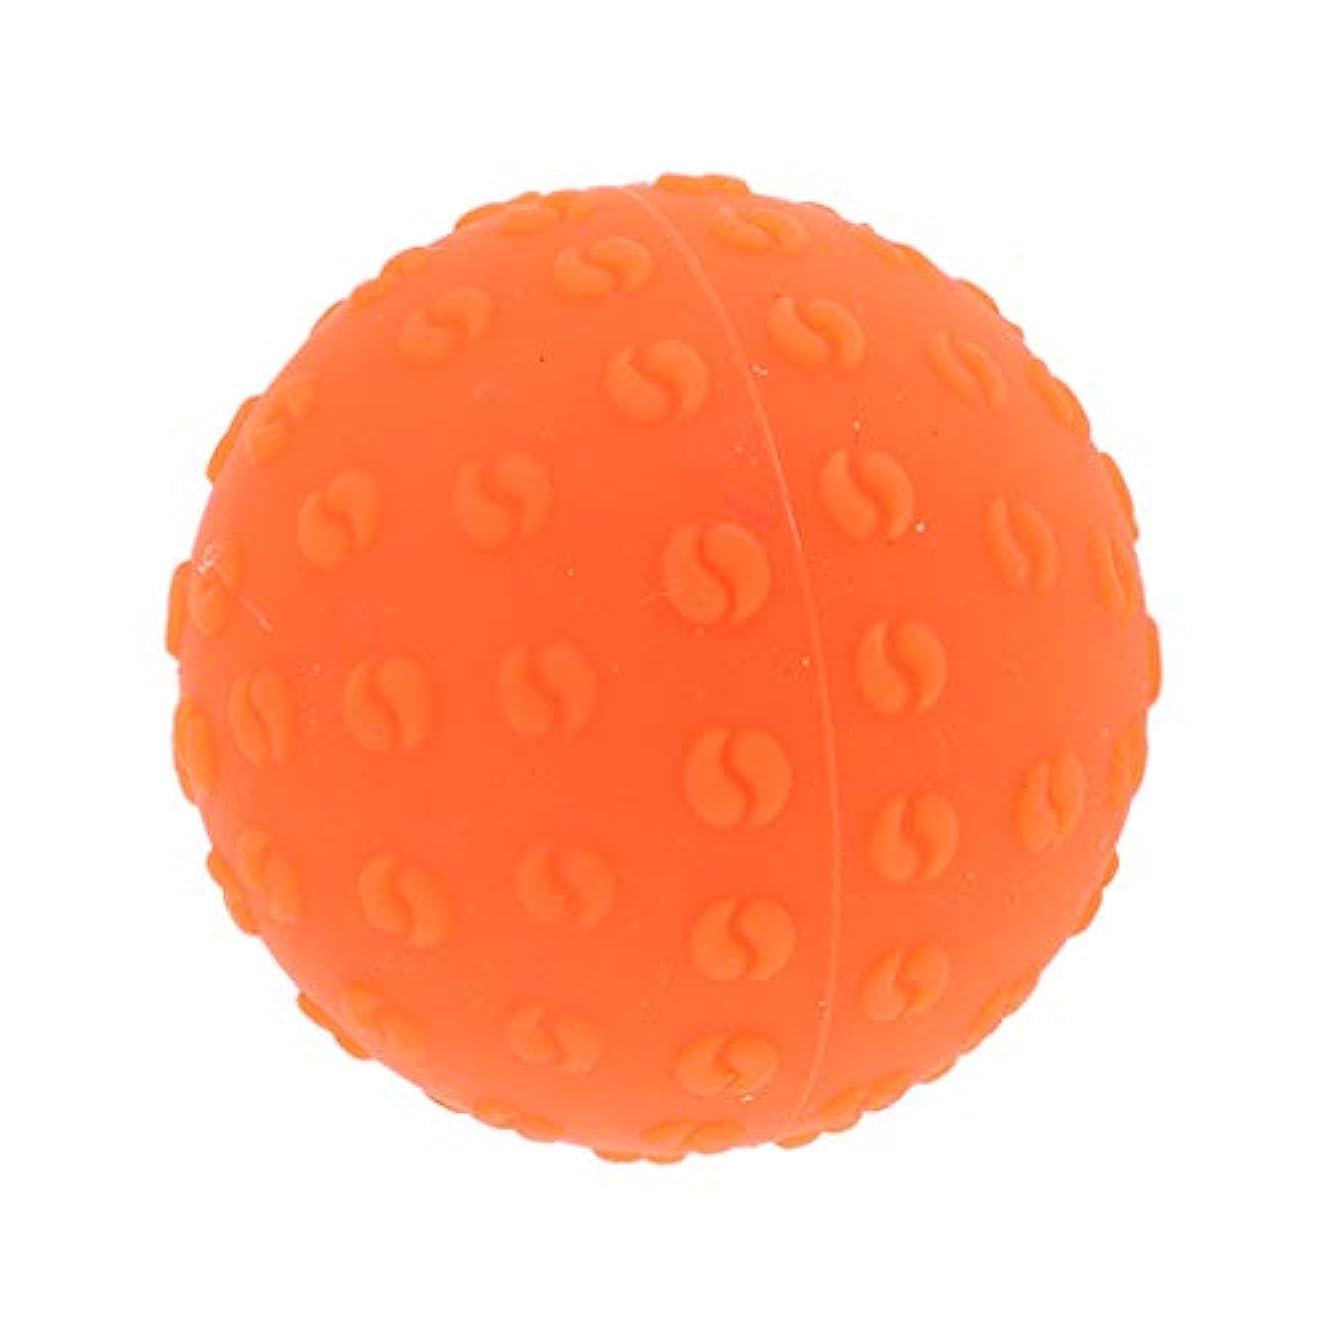 文化欺ボイコットFenteer マッサージボール 指圧ボール シリコーン トリガーポイント 足底筋膜炎 ヨガ ツボ押しグッズ 全6色 - オレンジ, 説明のとおり